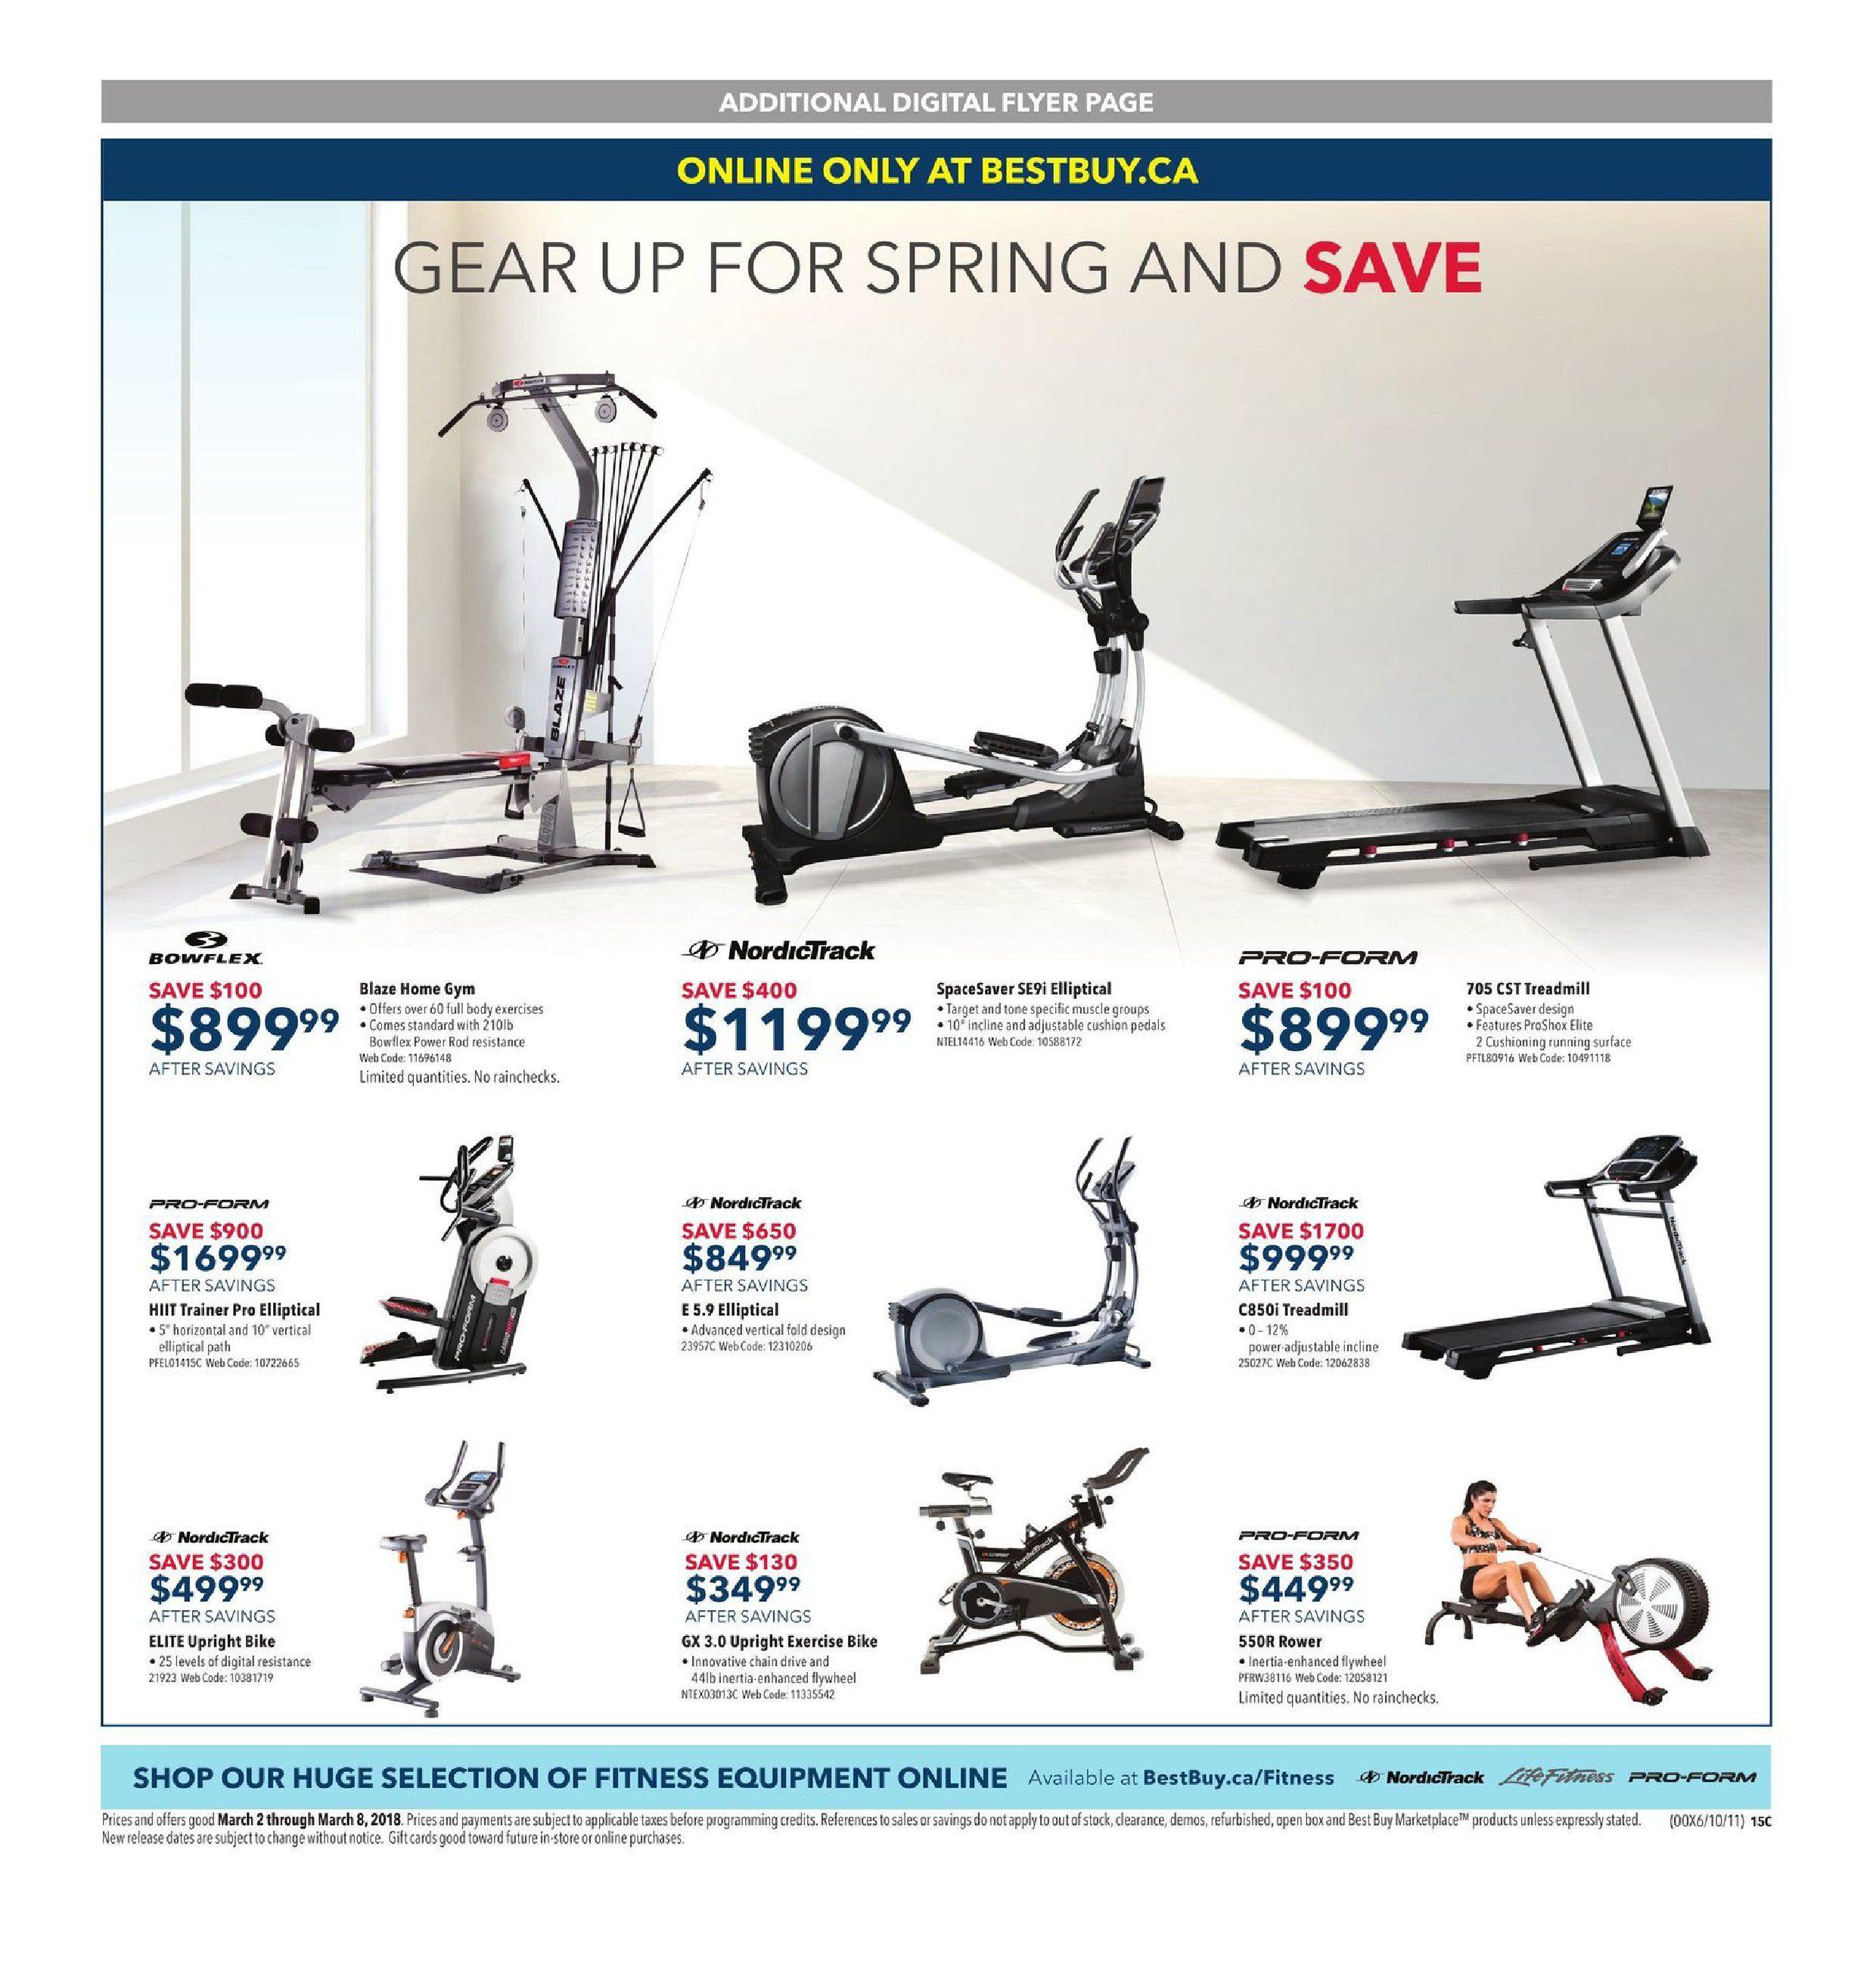 Best Buy Weekly Flyer - Weekly - Enjoy Huge Savings - Mar 2